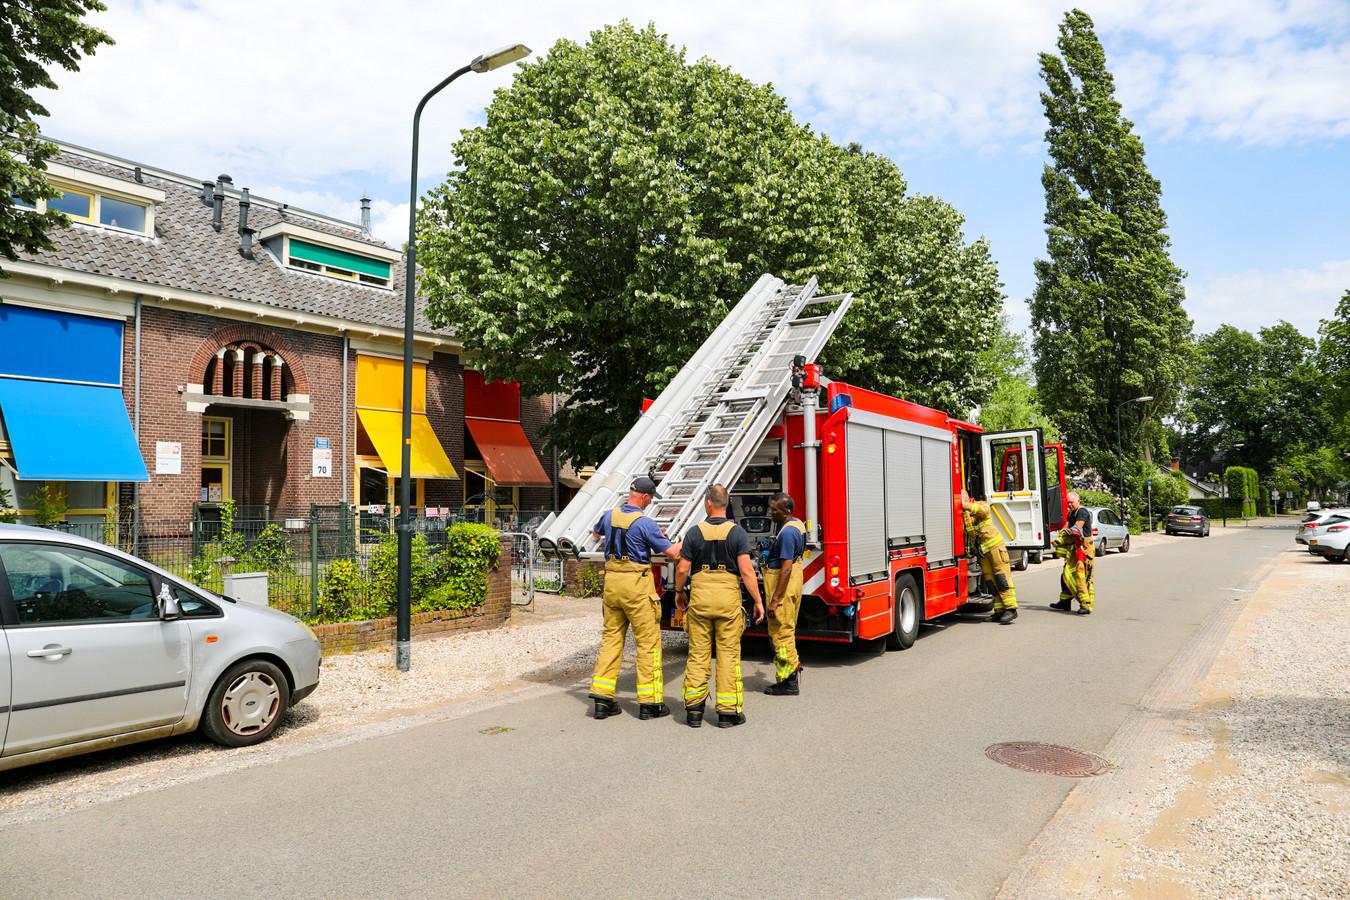 Brandweer bij kinderdagverblijf Roezemoes in Apeldoorn na een brandmelding, die uiteindelijk bleek mee te vallen.